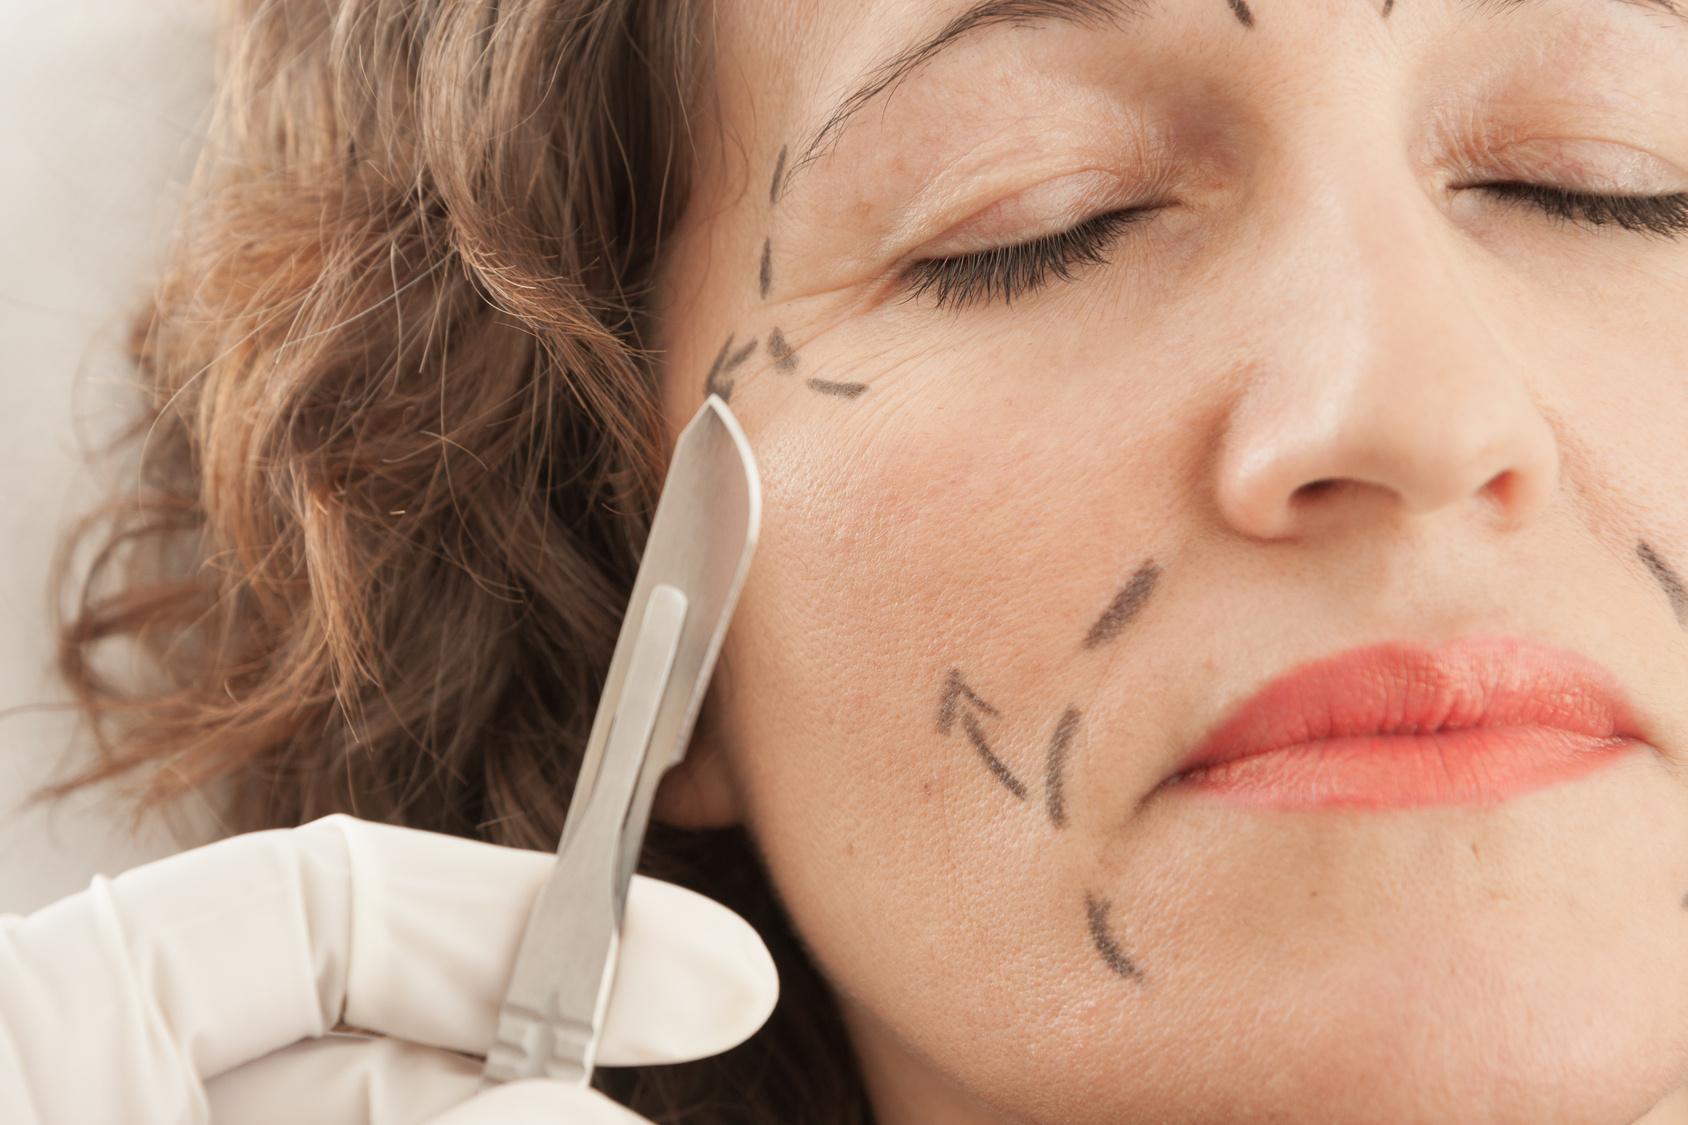 Intervento di blefaroplastica: ringiovanimento dello sguardo